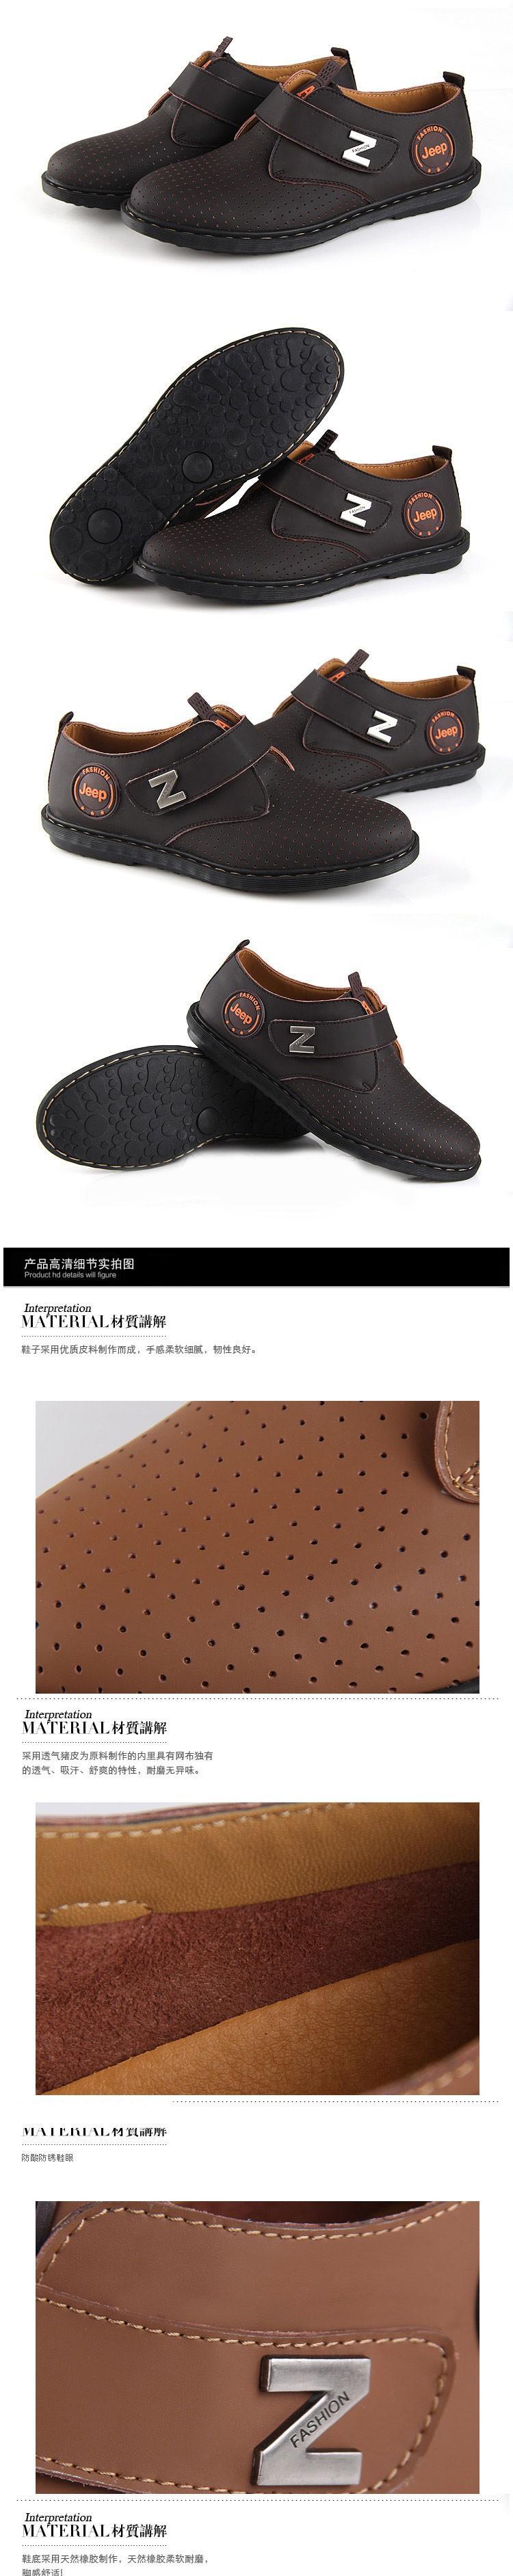 Мужские кроссовки  806